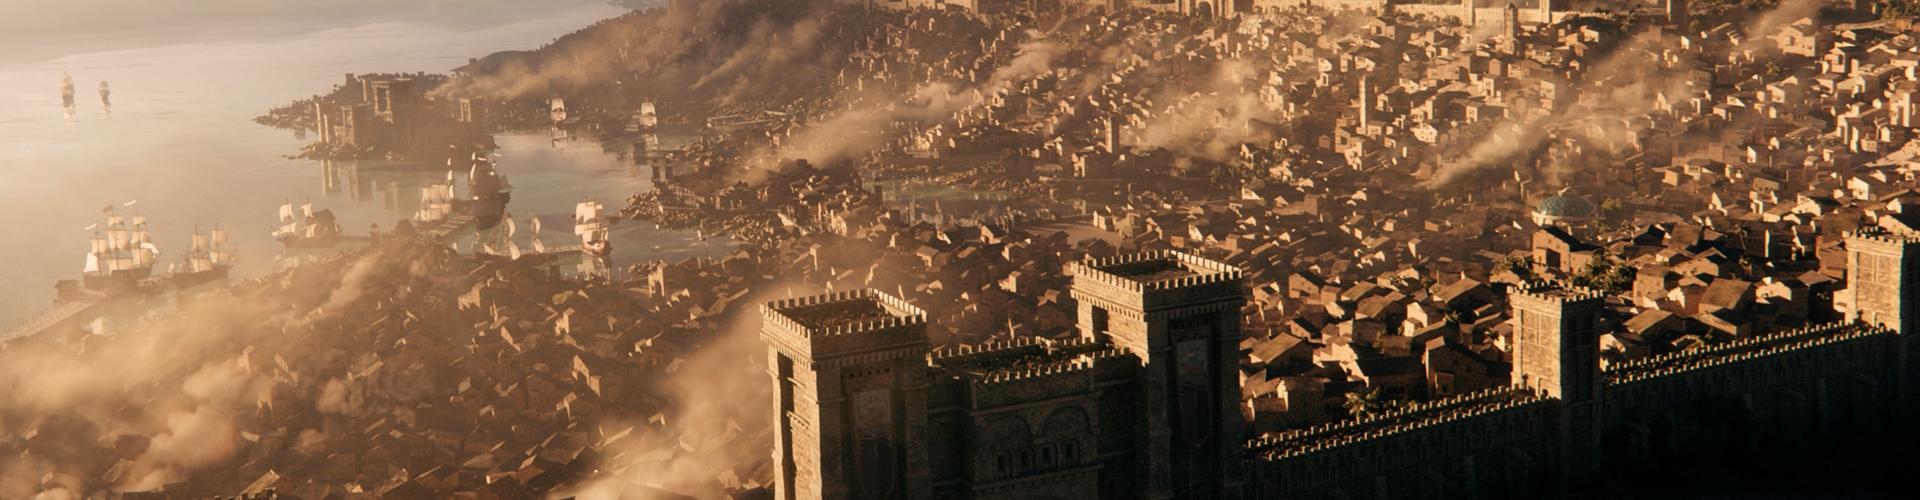 Larian Studios Announces Baldur's Gate III